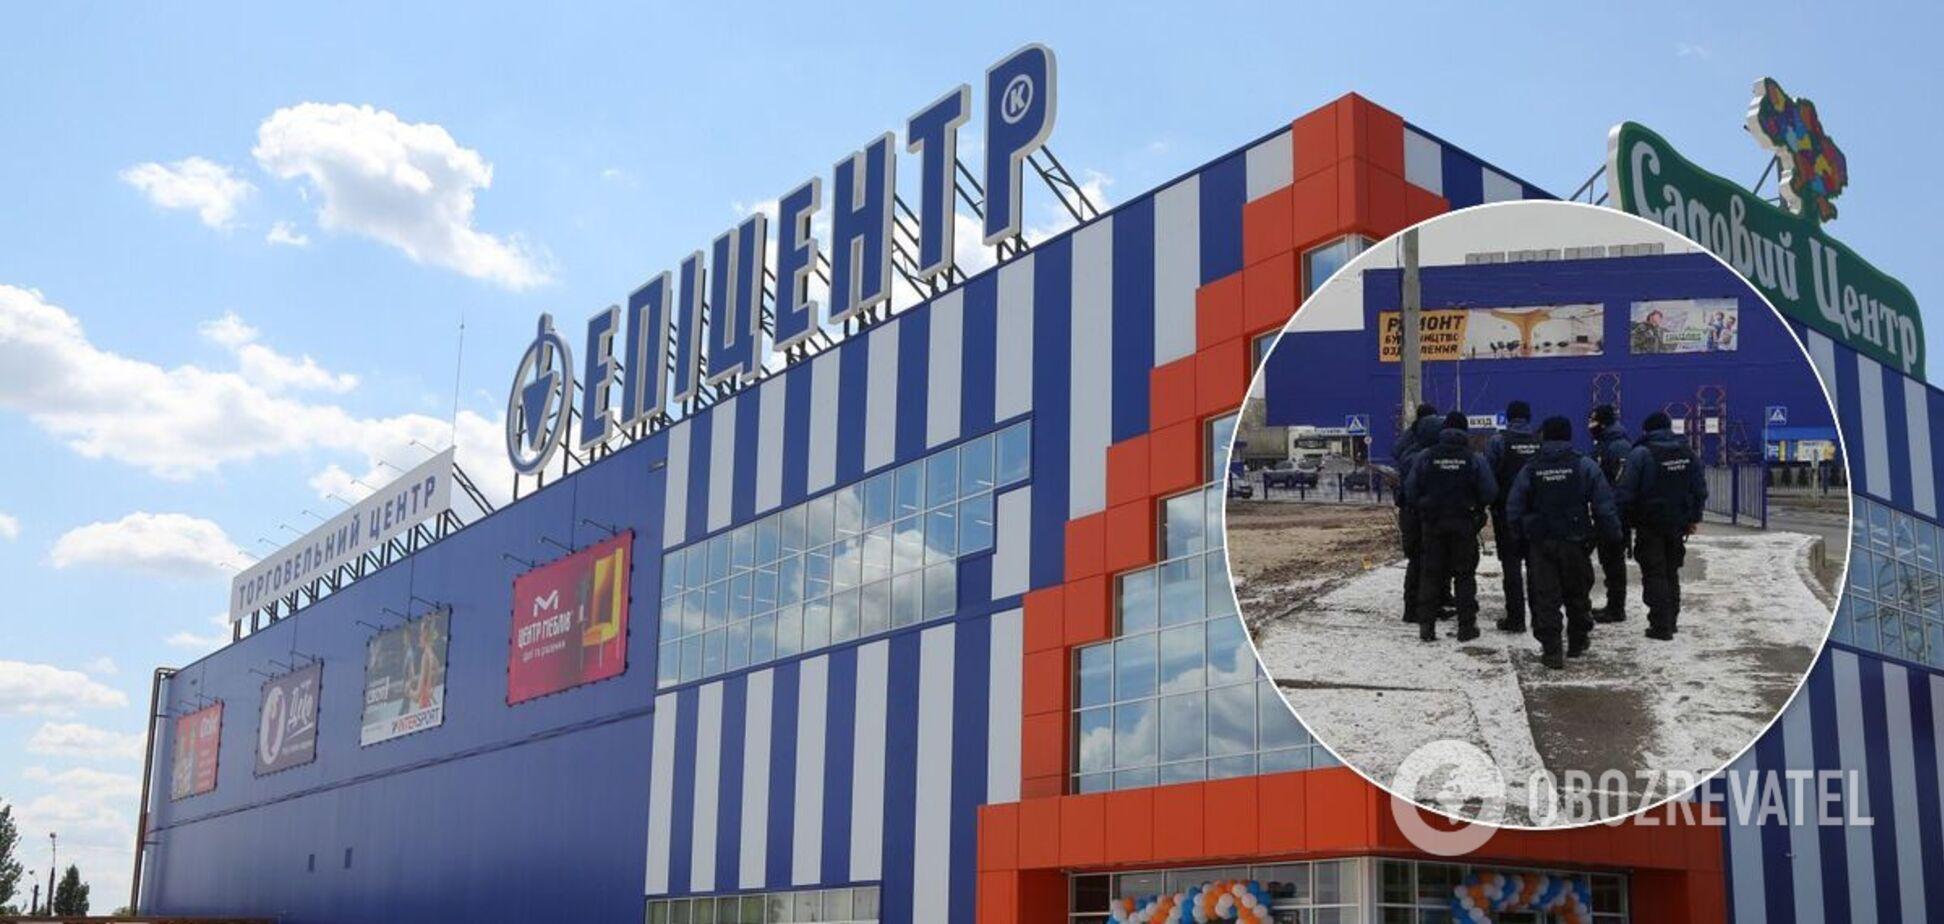 'Эпицентр' в Киеве соблюдает карантин, рядом заметили Нацгвардию. Фото